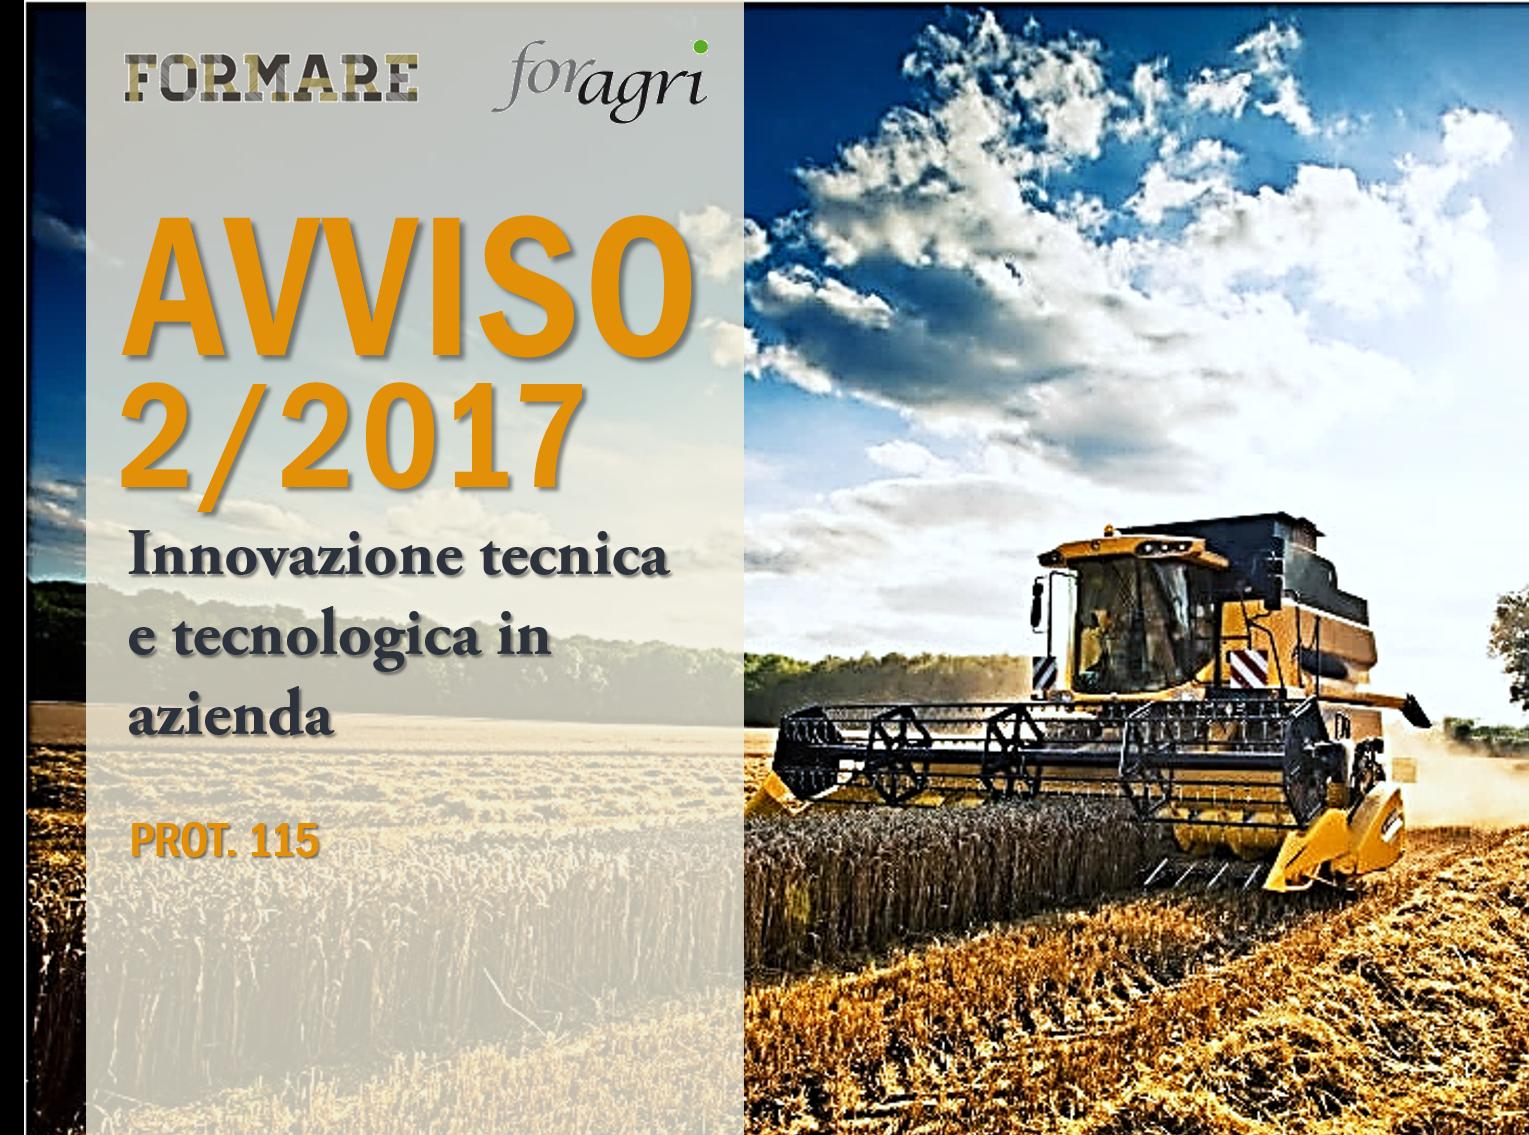 AVVISO 2_2017_PROT_115